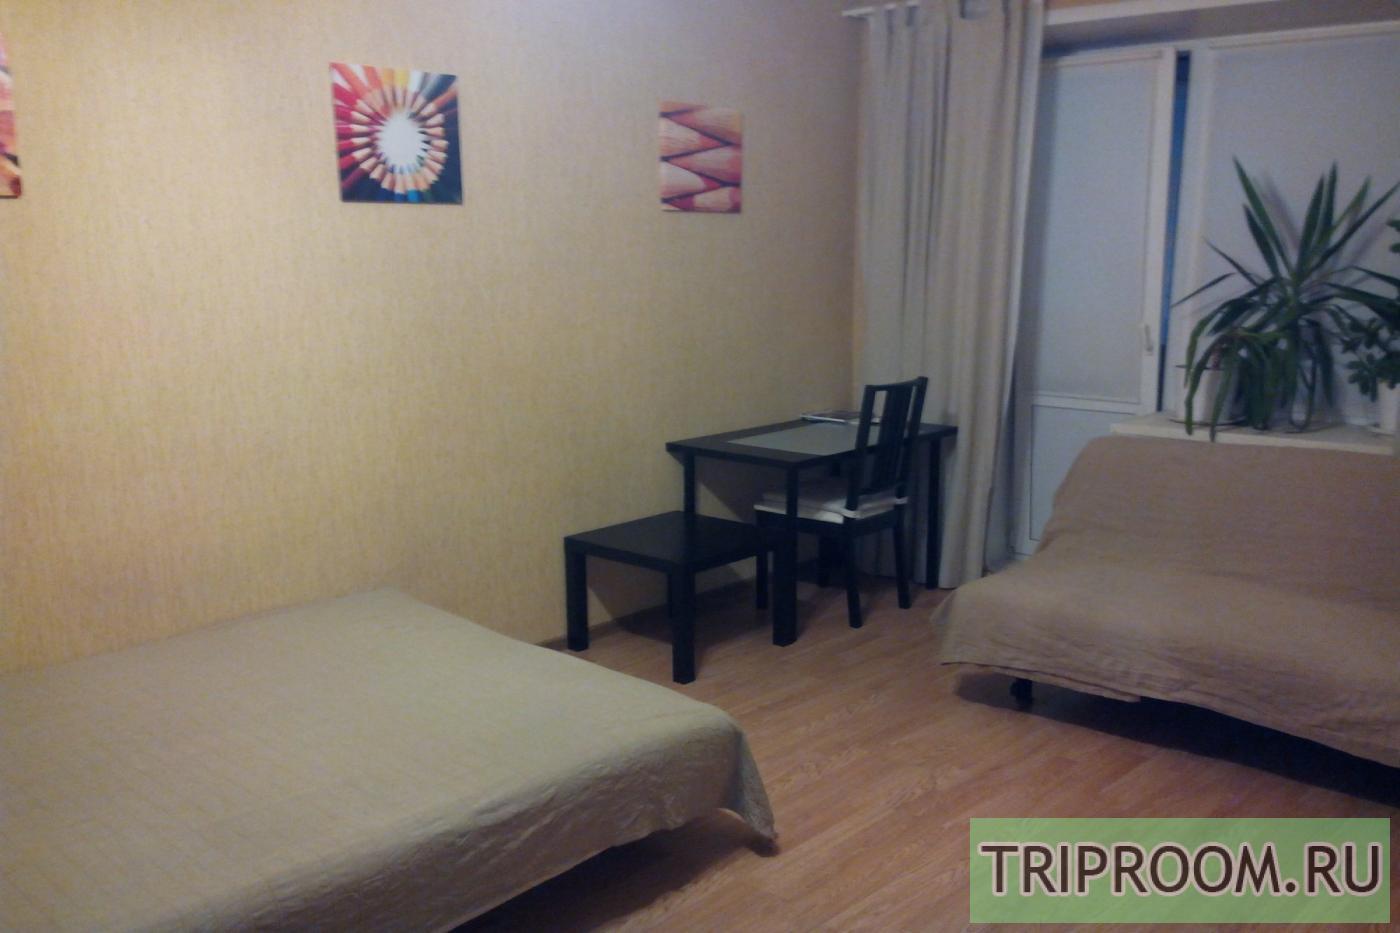 1-комнатная квартира посуточно (вариант № 5966), ул. Гоголя улица, фото № 24